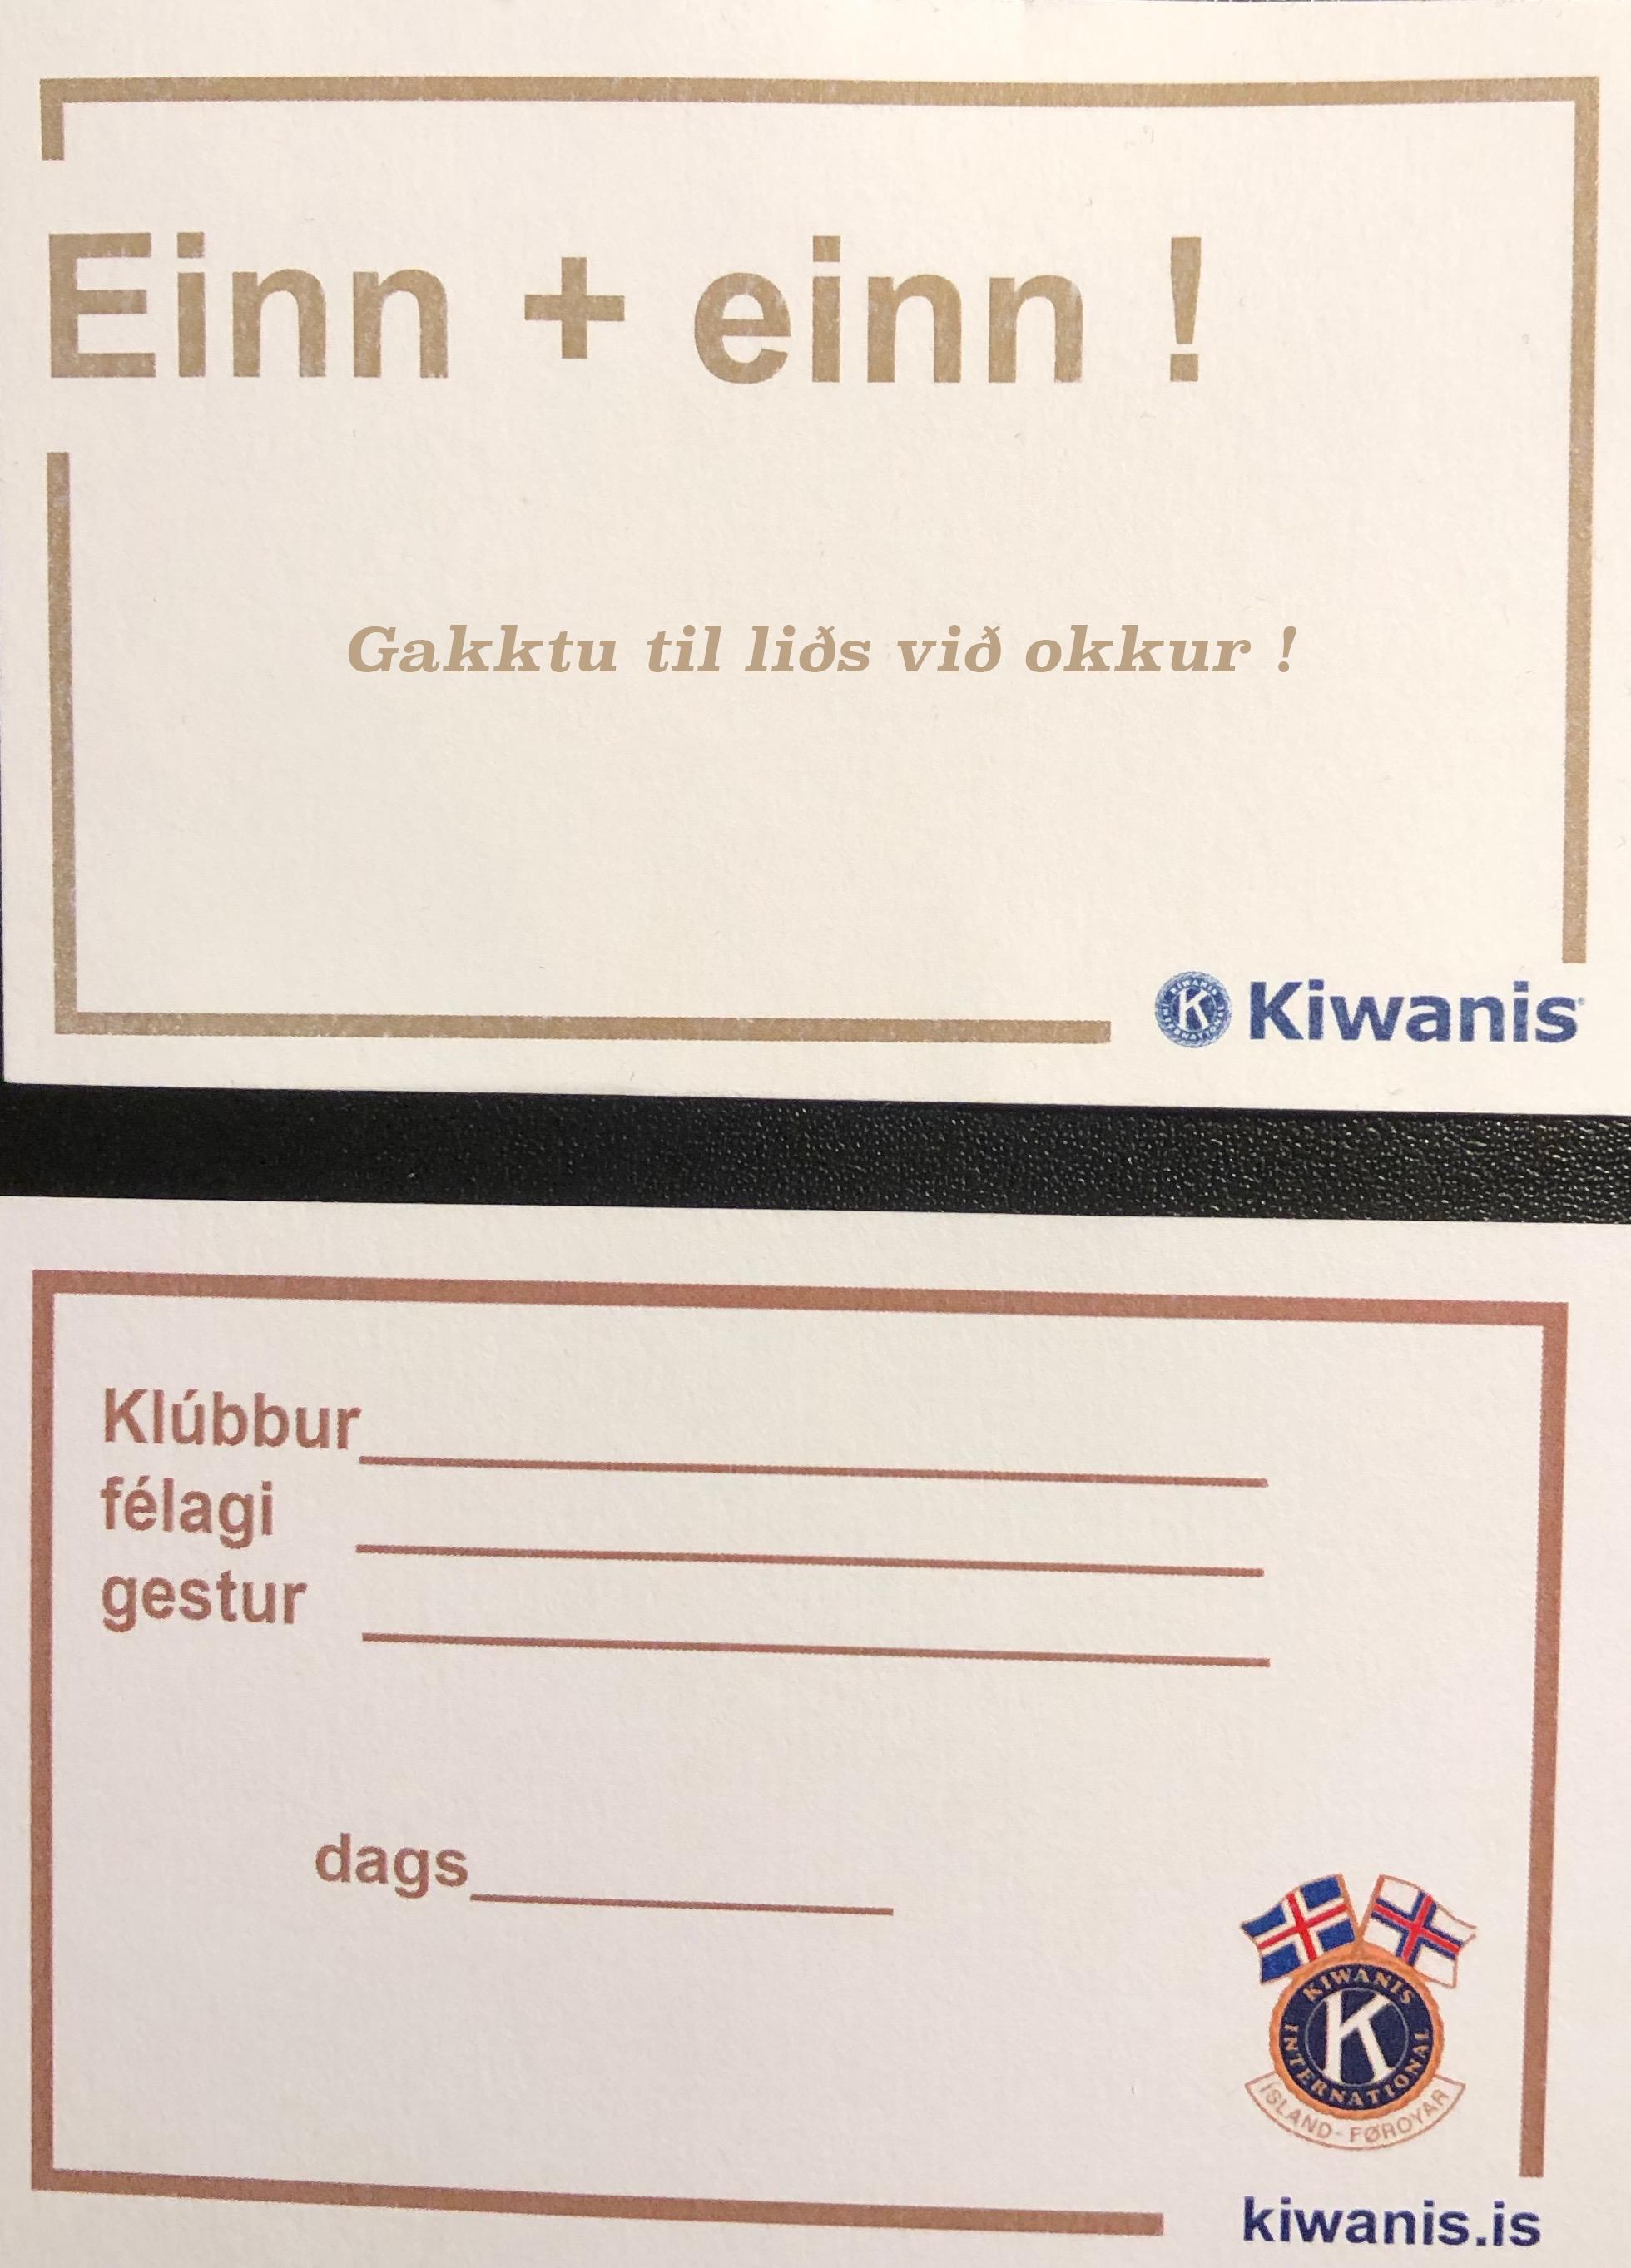 Einn + einn átakið !